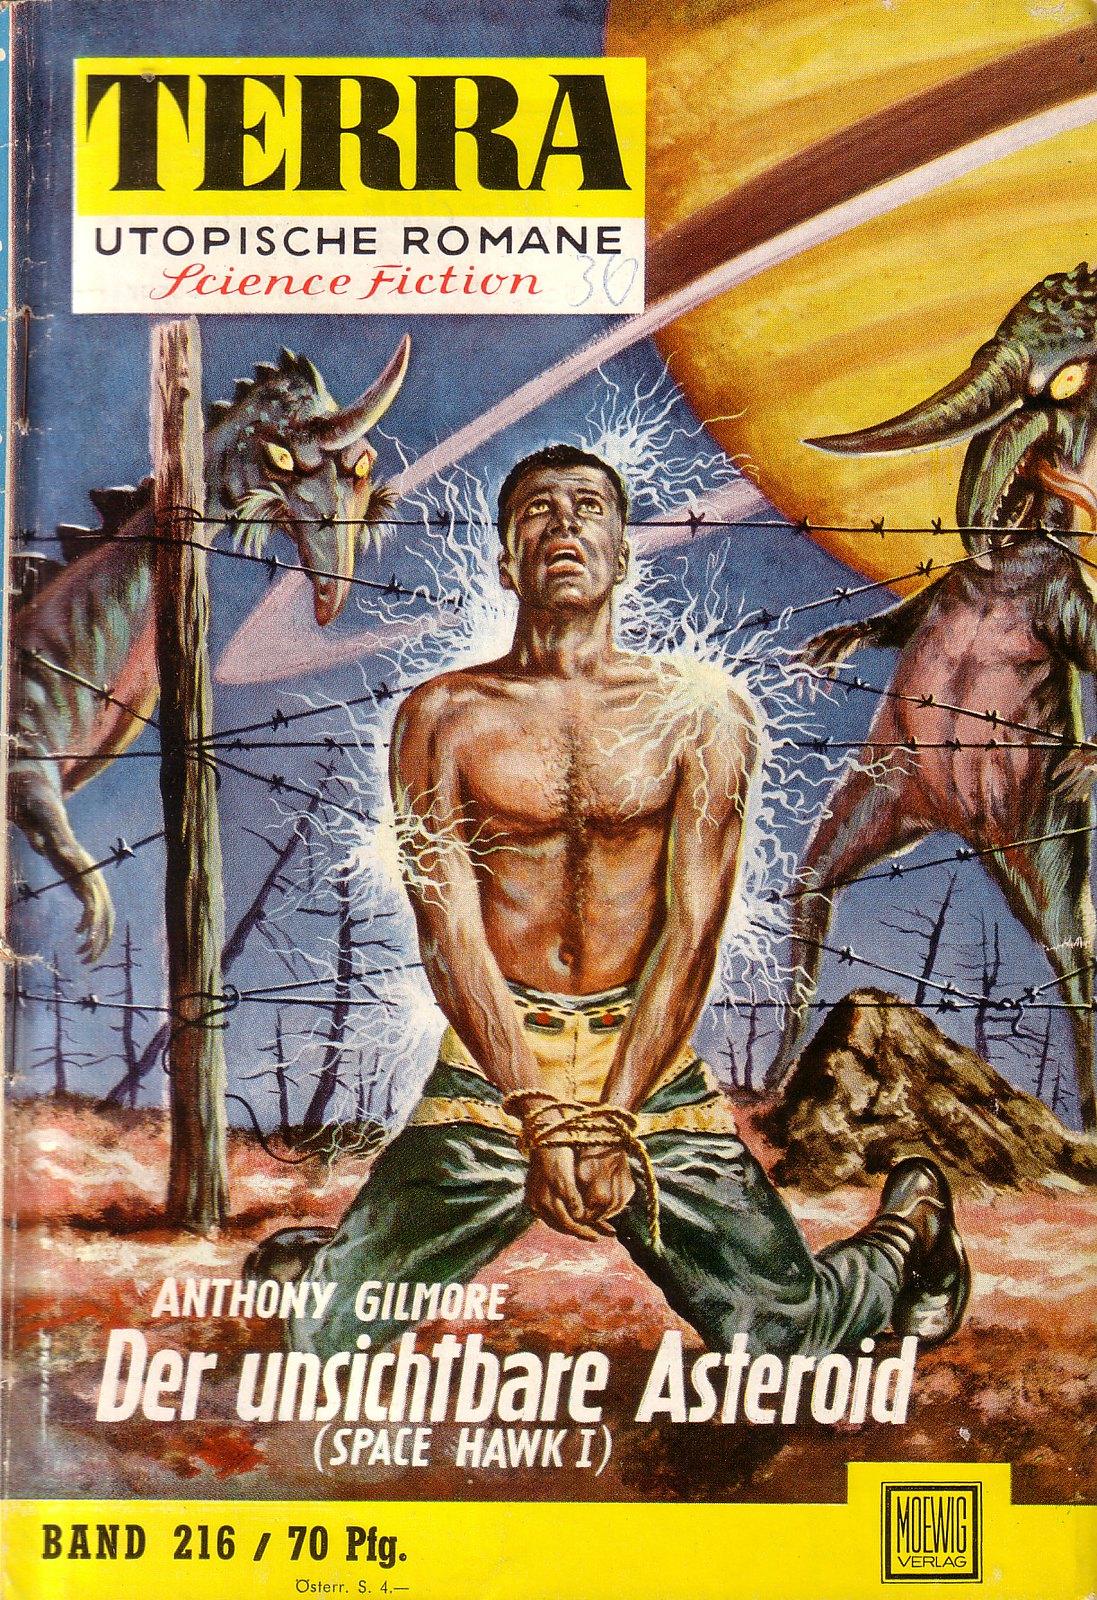 Великолепные обложки немецкого фантастического журнала Terra (18).jpg